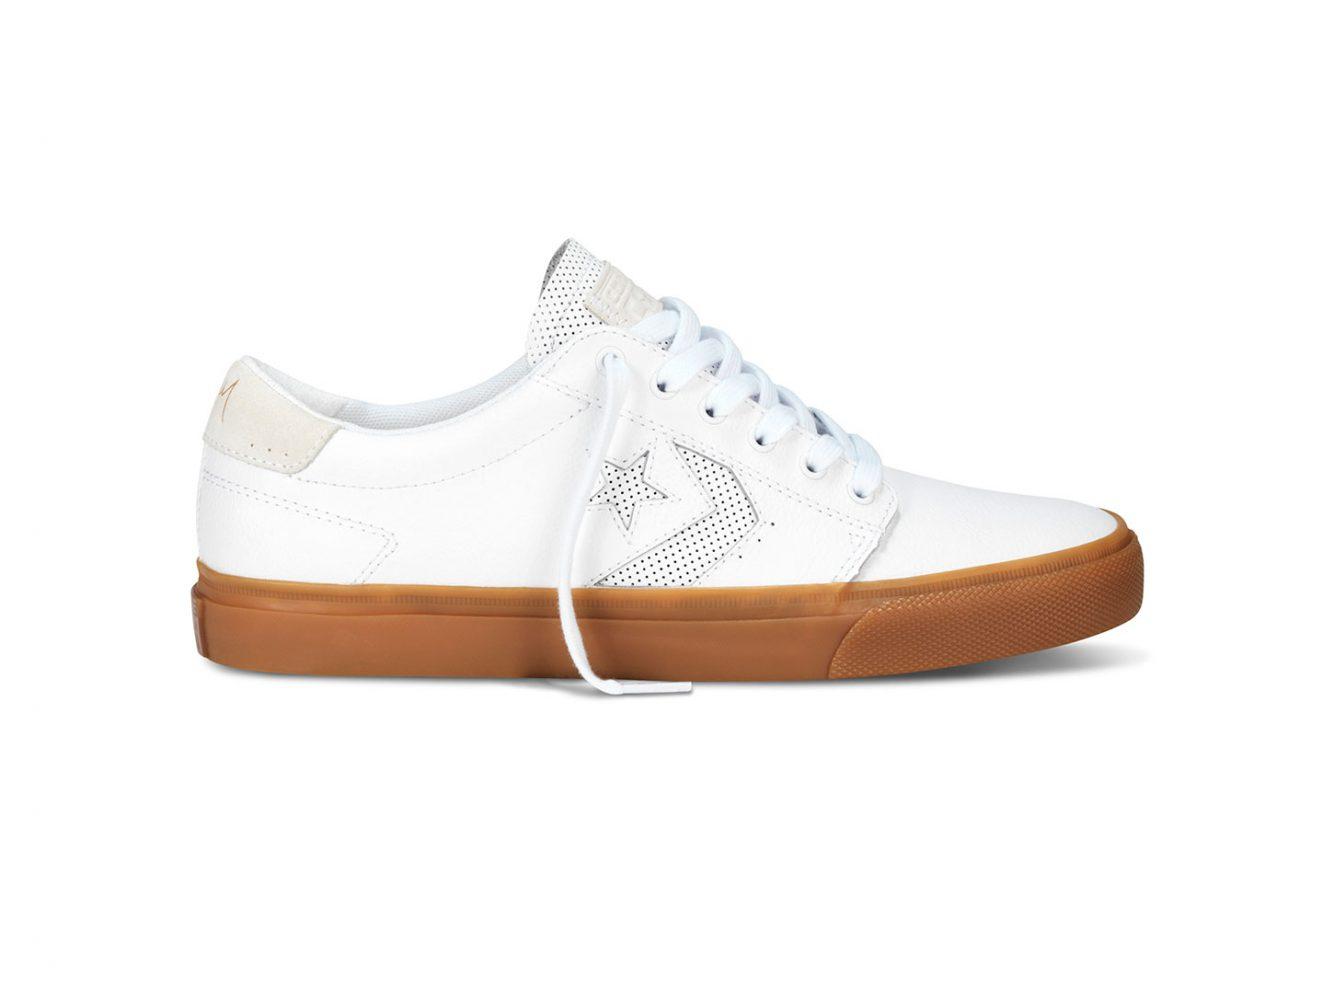 Converse_CONS_KA3_-_White_and_Gum_original